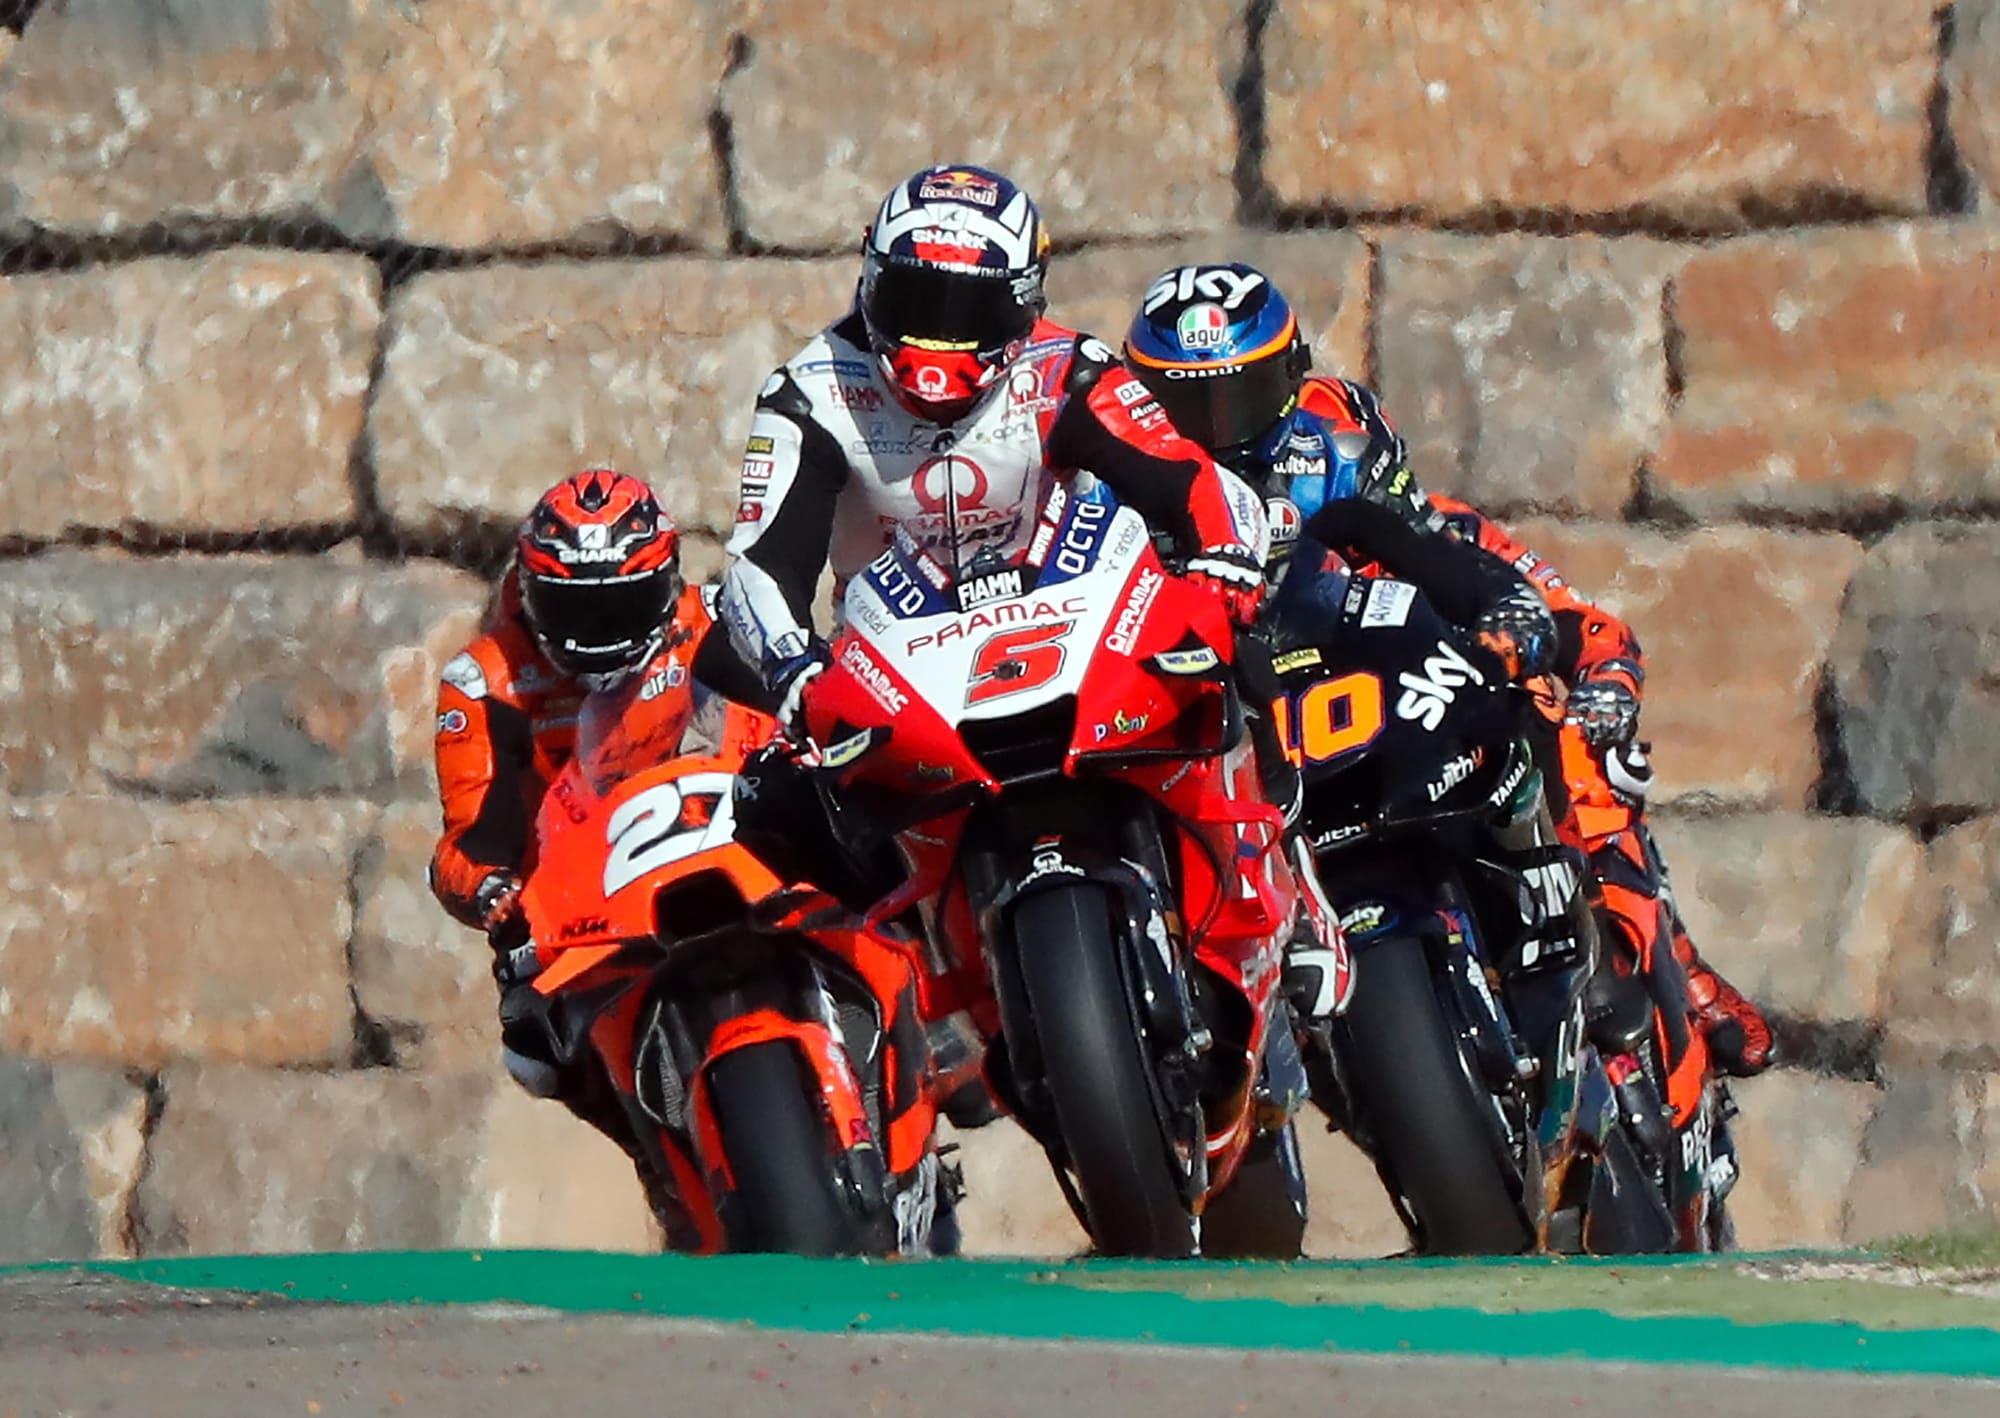 153123715 e63e2906 e7d2 435b 9a52 bfd5d46153e3 - MotoGP: cancellato il Gp d'Argentina, scende a 18 il numero delle tappe